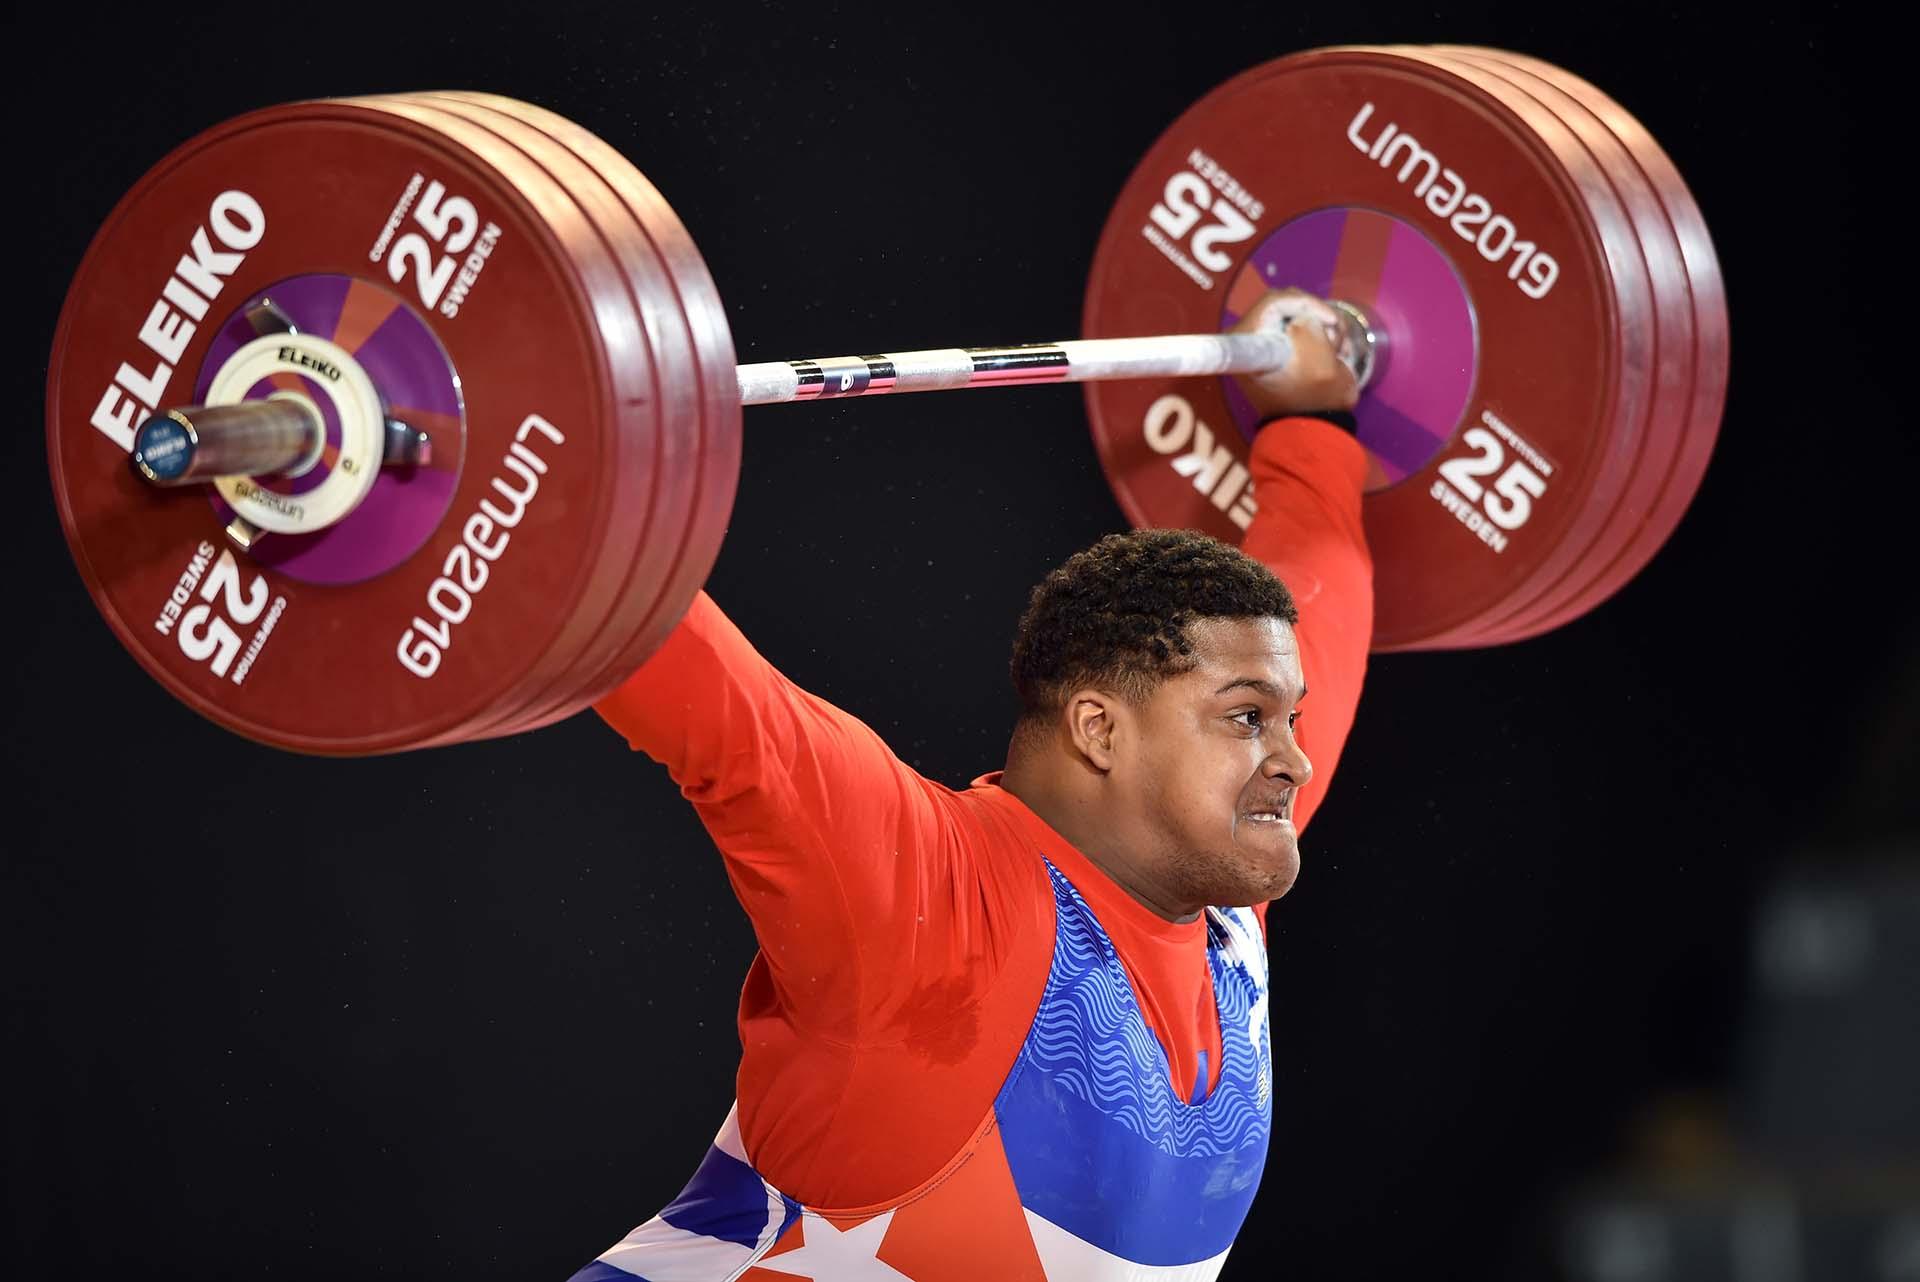 El cubanoLuis Manuel Lauret en la competencia por el oro. (Photo by Cris BOURONCLE / AFP)